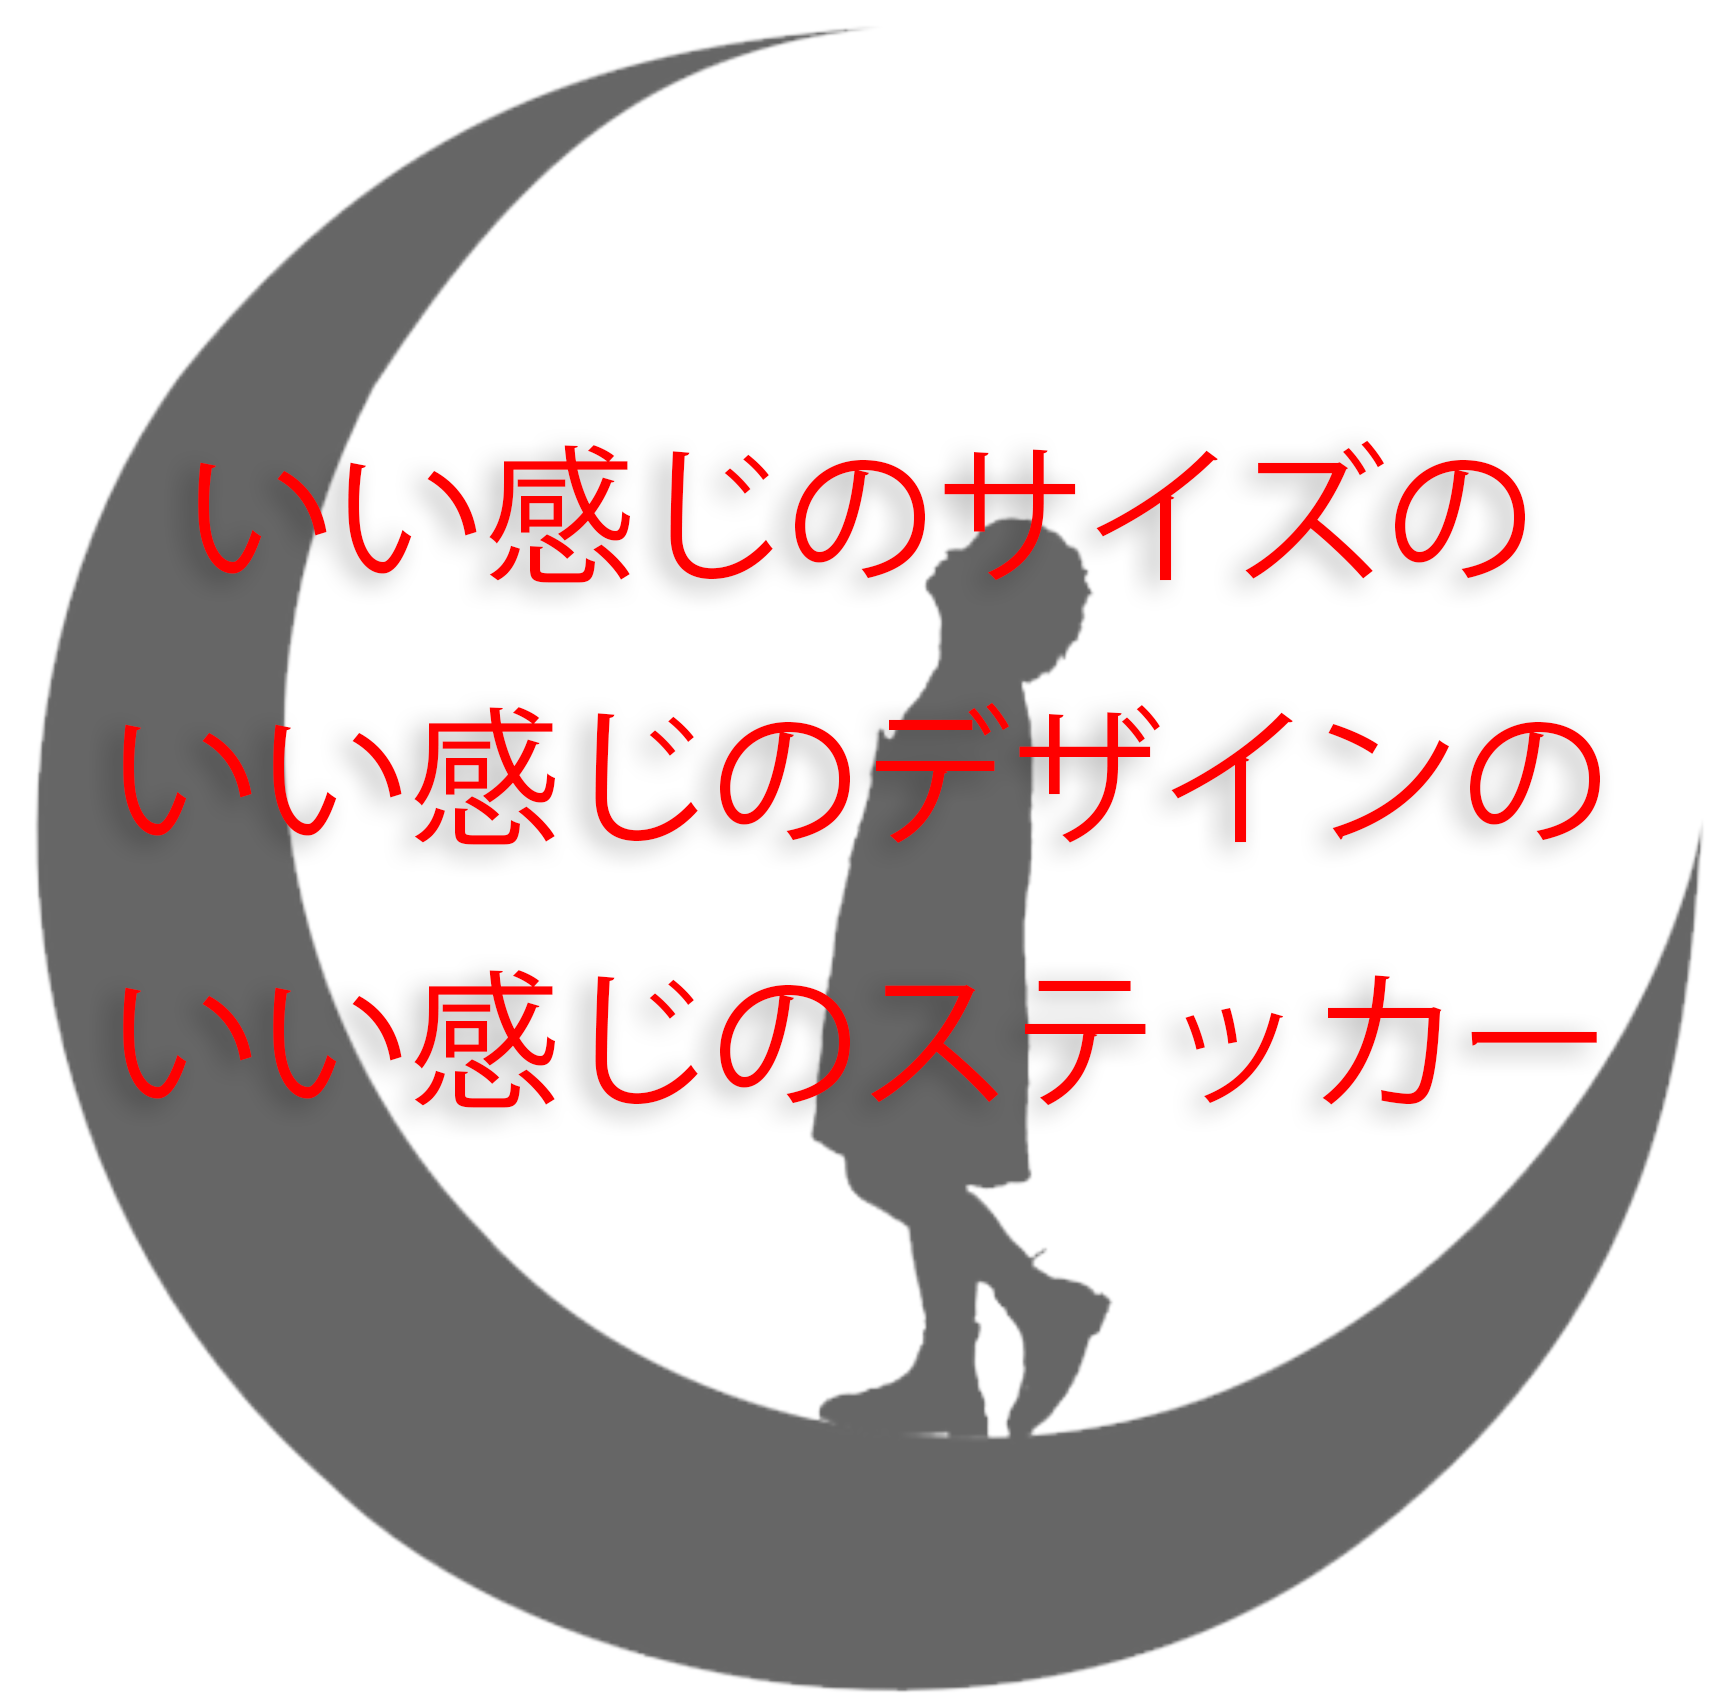 お礼メッセージ動画+ステッカープラン